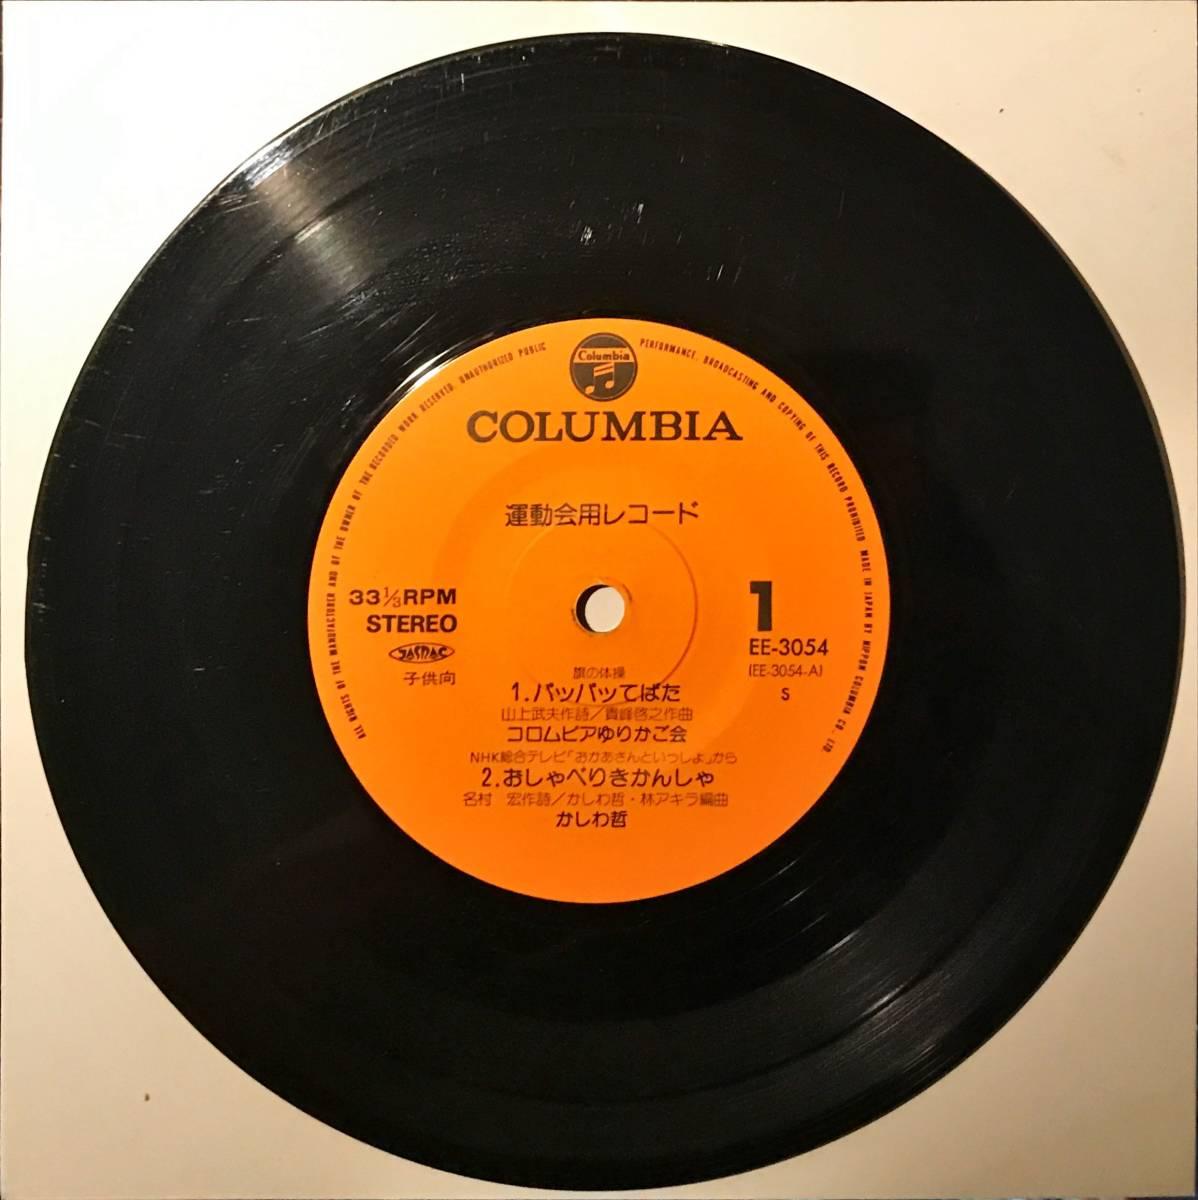 [試聴]和モノ希少ブギウギ パッパッてばた / おしゃべり きかんしゃ 他2曲 GROOVE歌謡 [EP]ロカビリー グルーヴ 運動会レコード教材 7_画像4